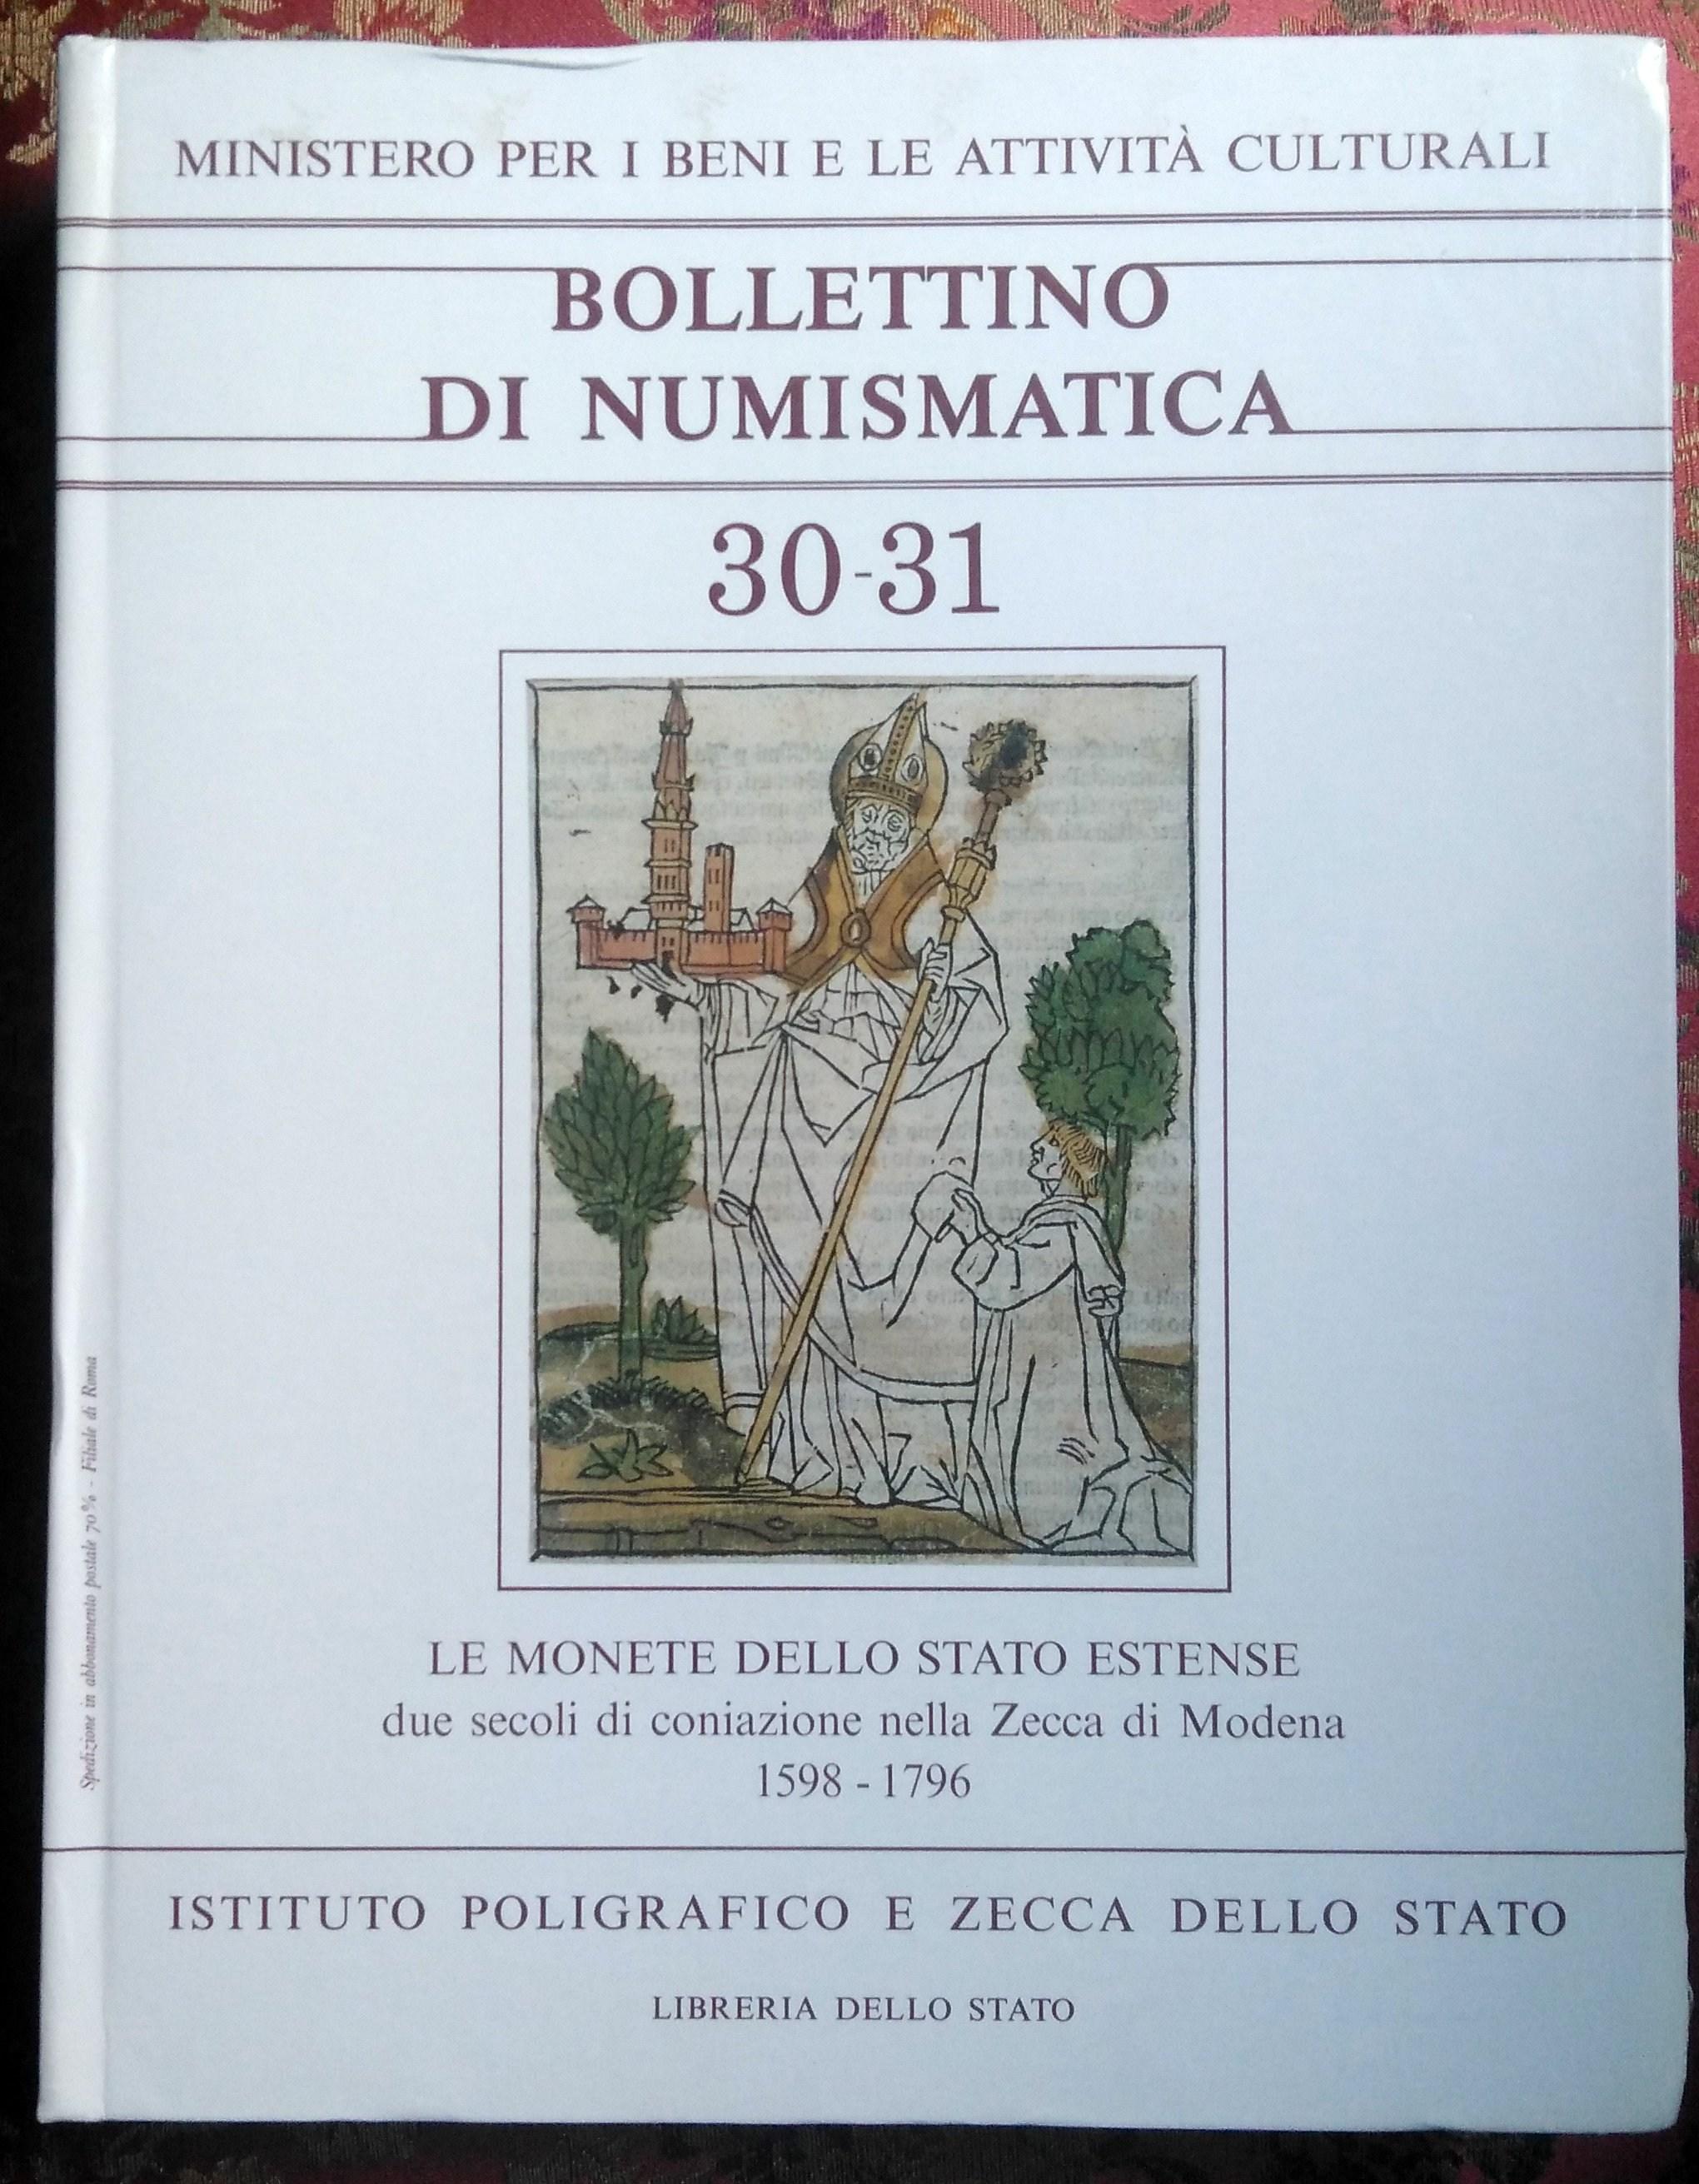 Le monete dello stato Estense - Bollettino 30-31 1998